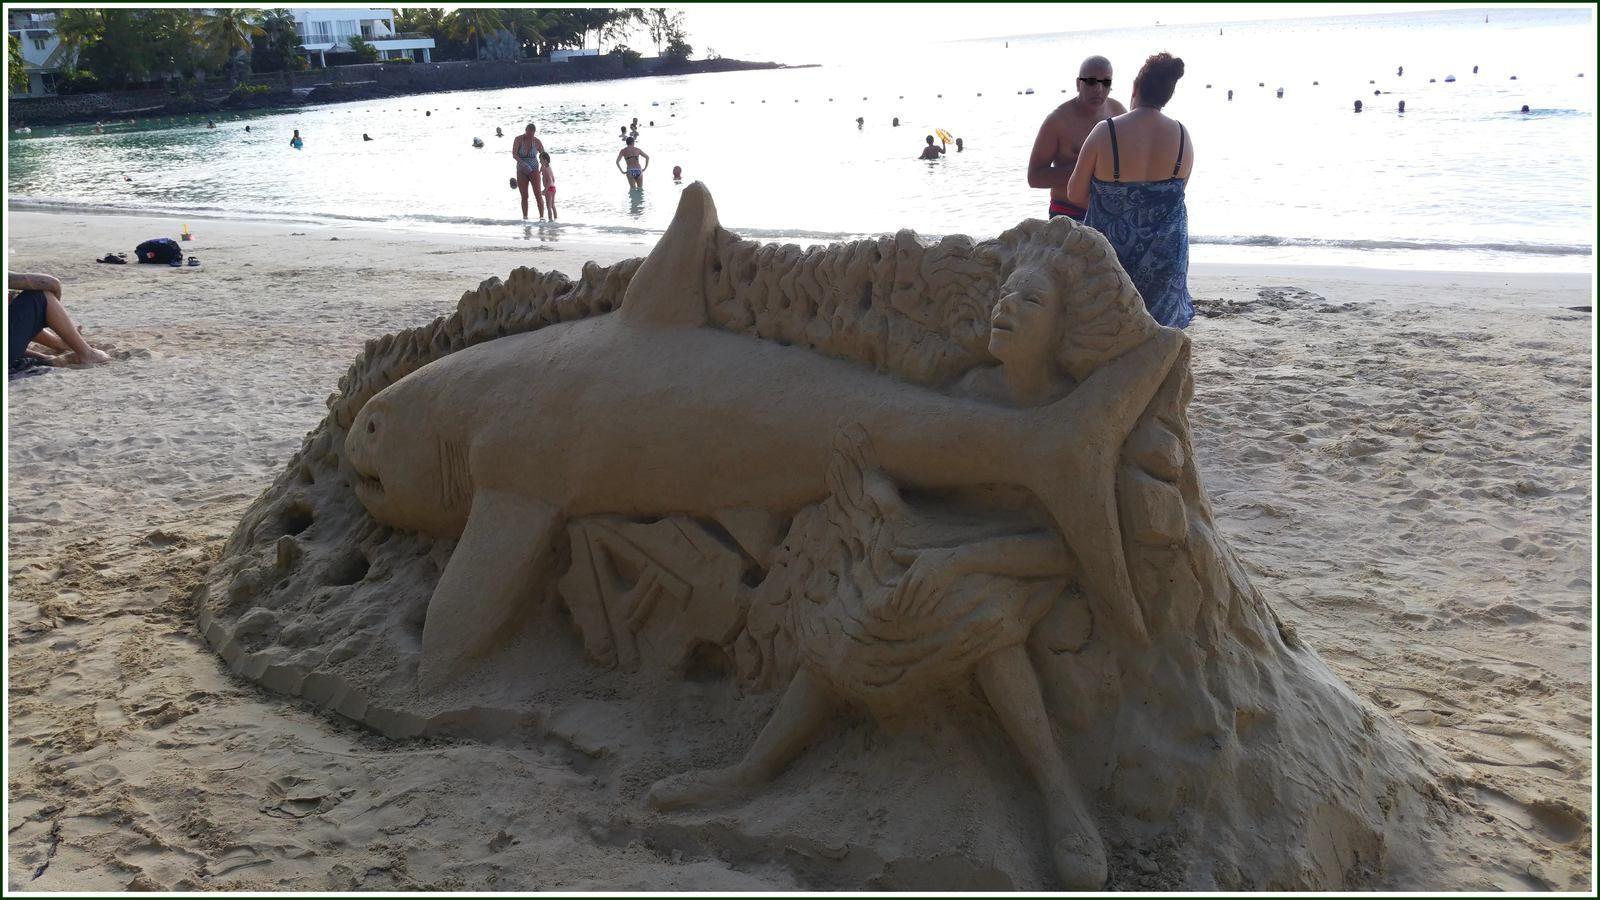 273 - Ile Maurice 21ème  mars 2016, J. Jhowry (Philippe) Le sculpteur sur sable de la plage de Péreybère photos en passant...